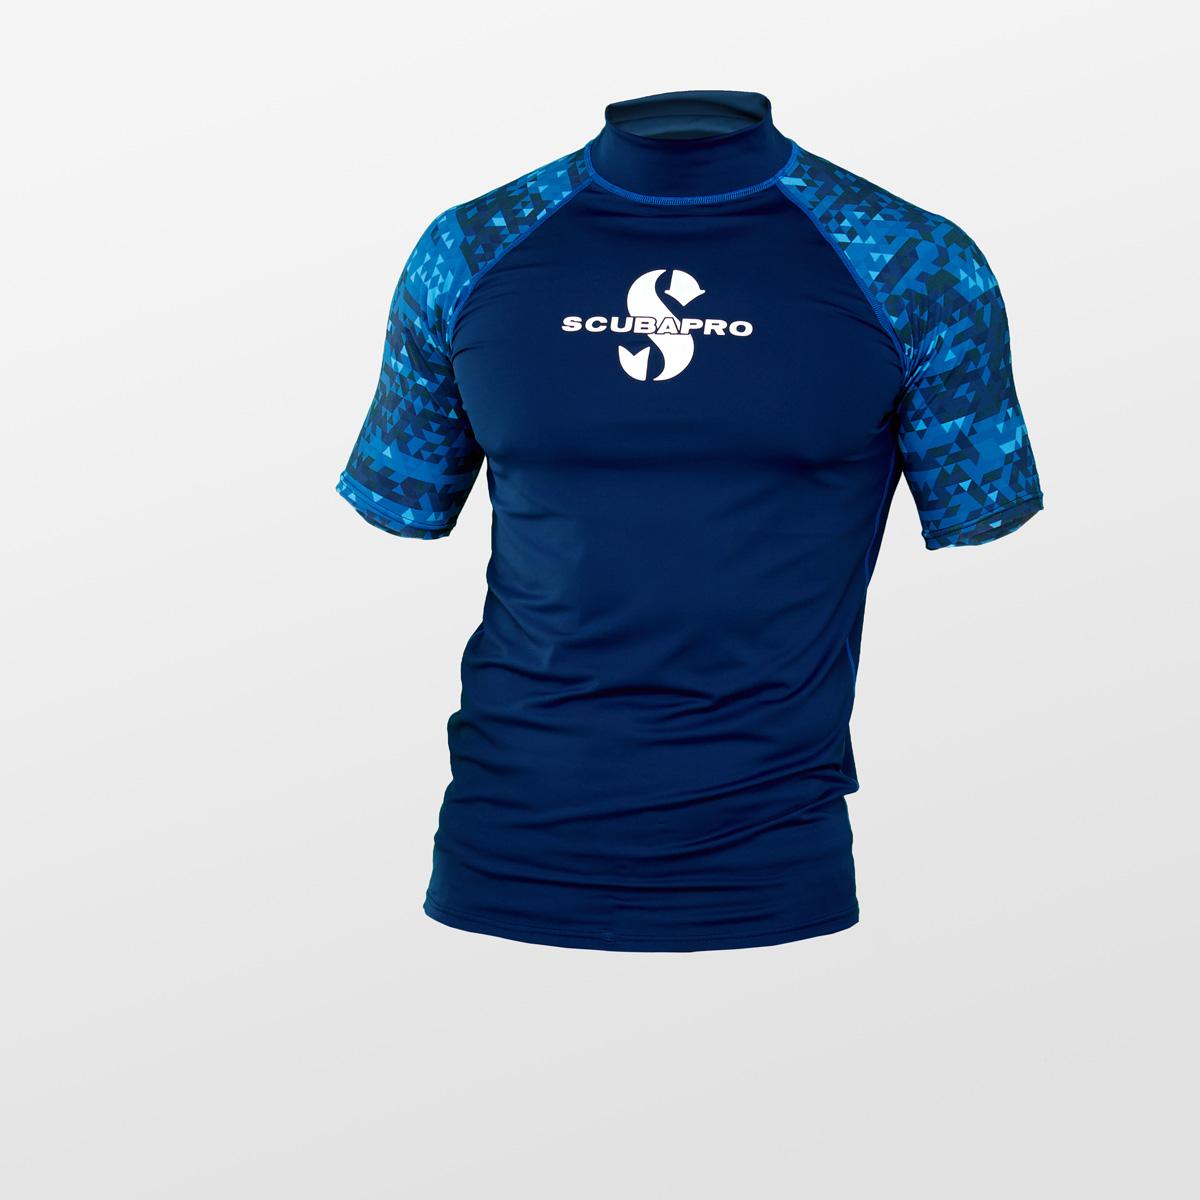 Lycrové triko Scubapro RASH GUARD AEGEAN UPF50 Krátký Rukáv Pánské Velikost: S, Pohlaví: Pánské